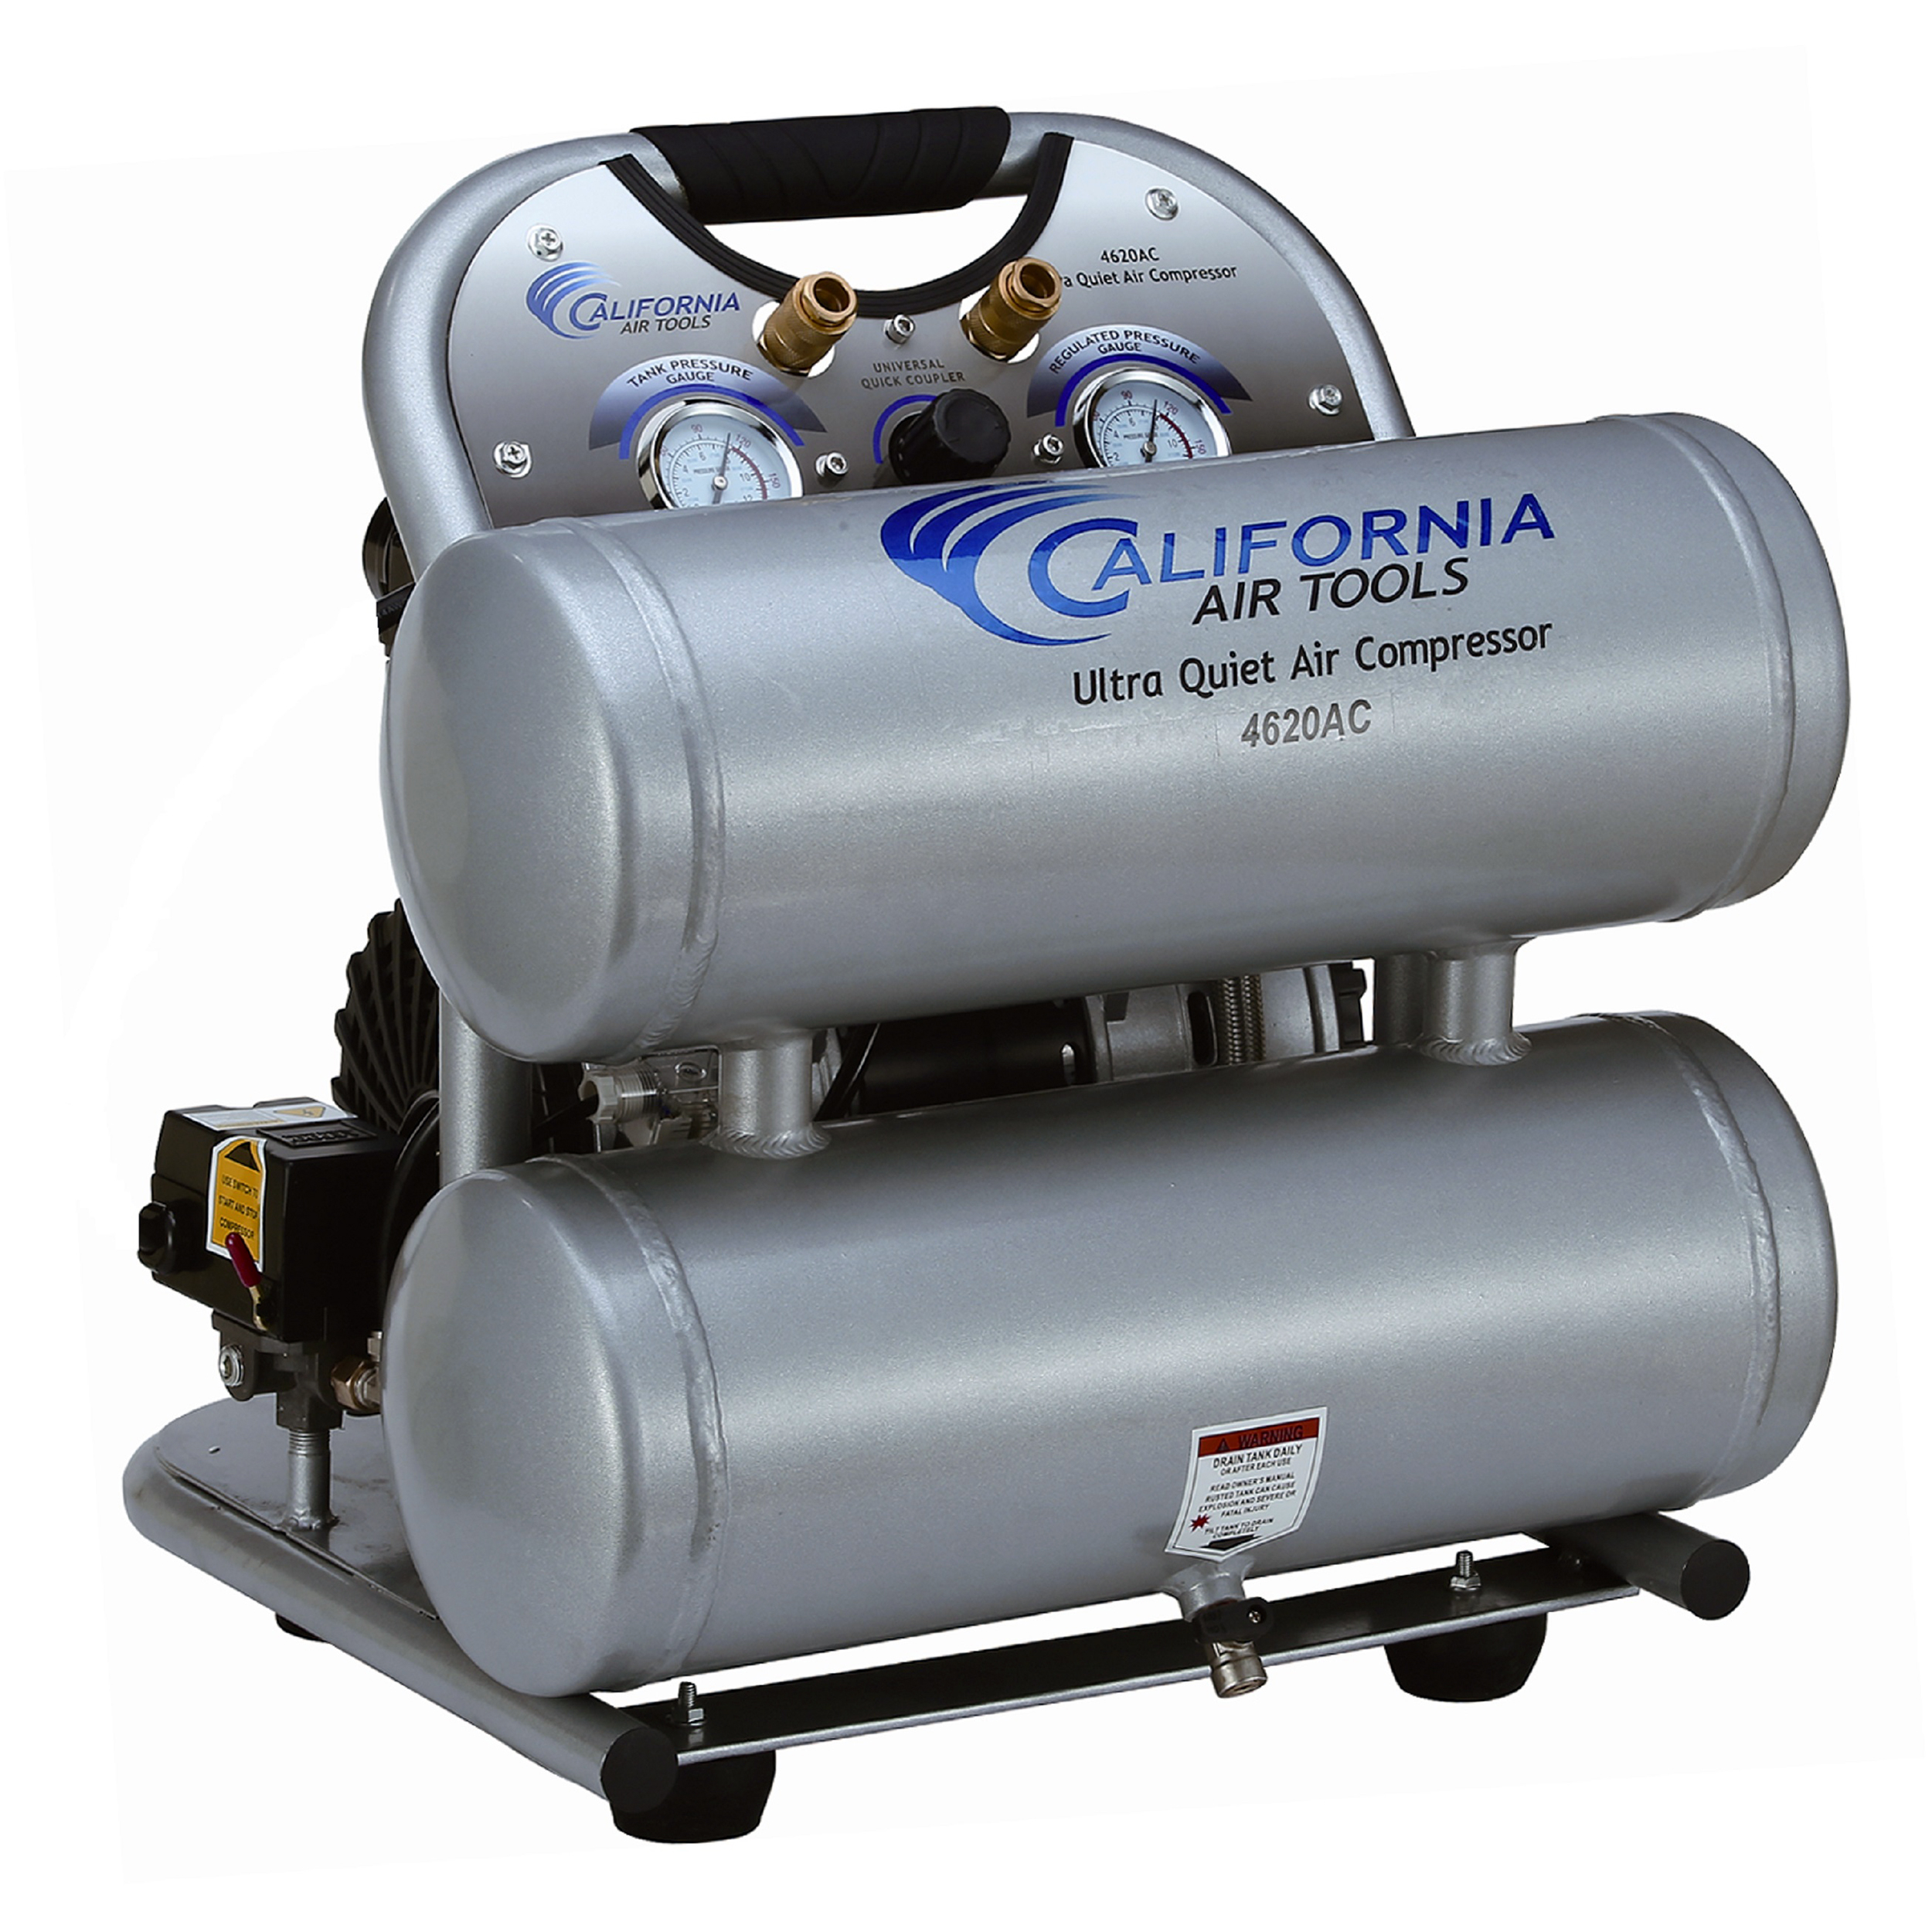 4620AC Ultra Quiet 2 HP, 4 Gal. Aluminum Air Compressor